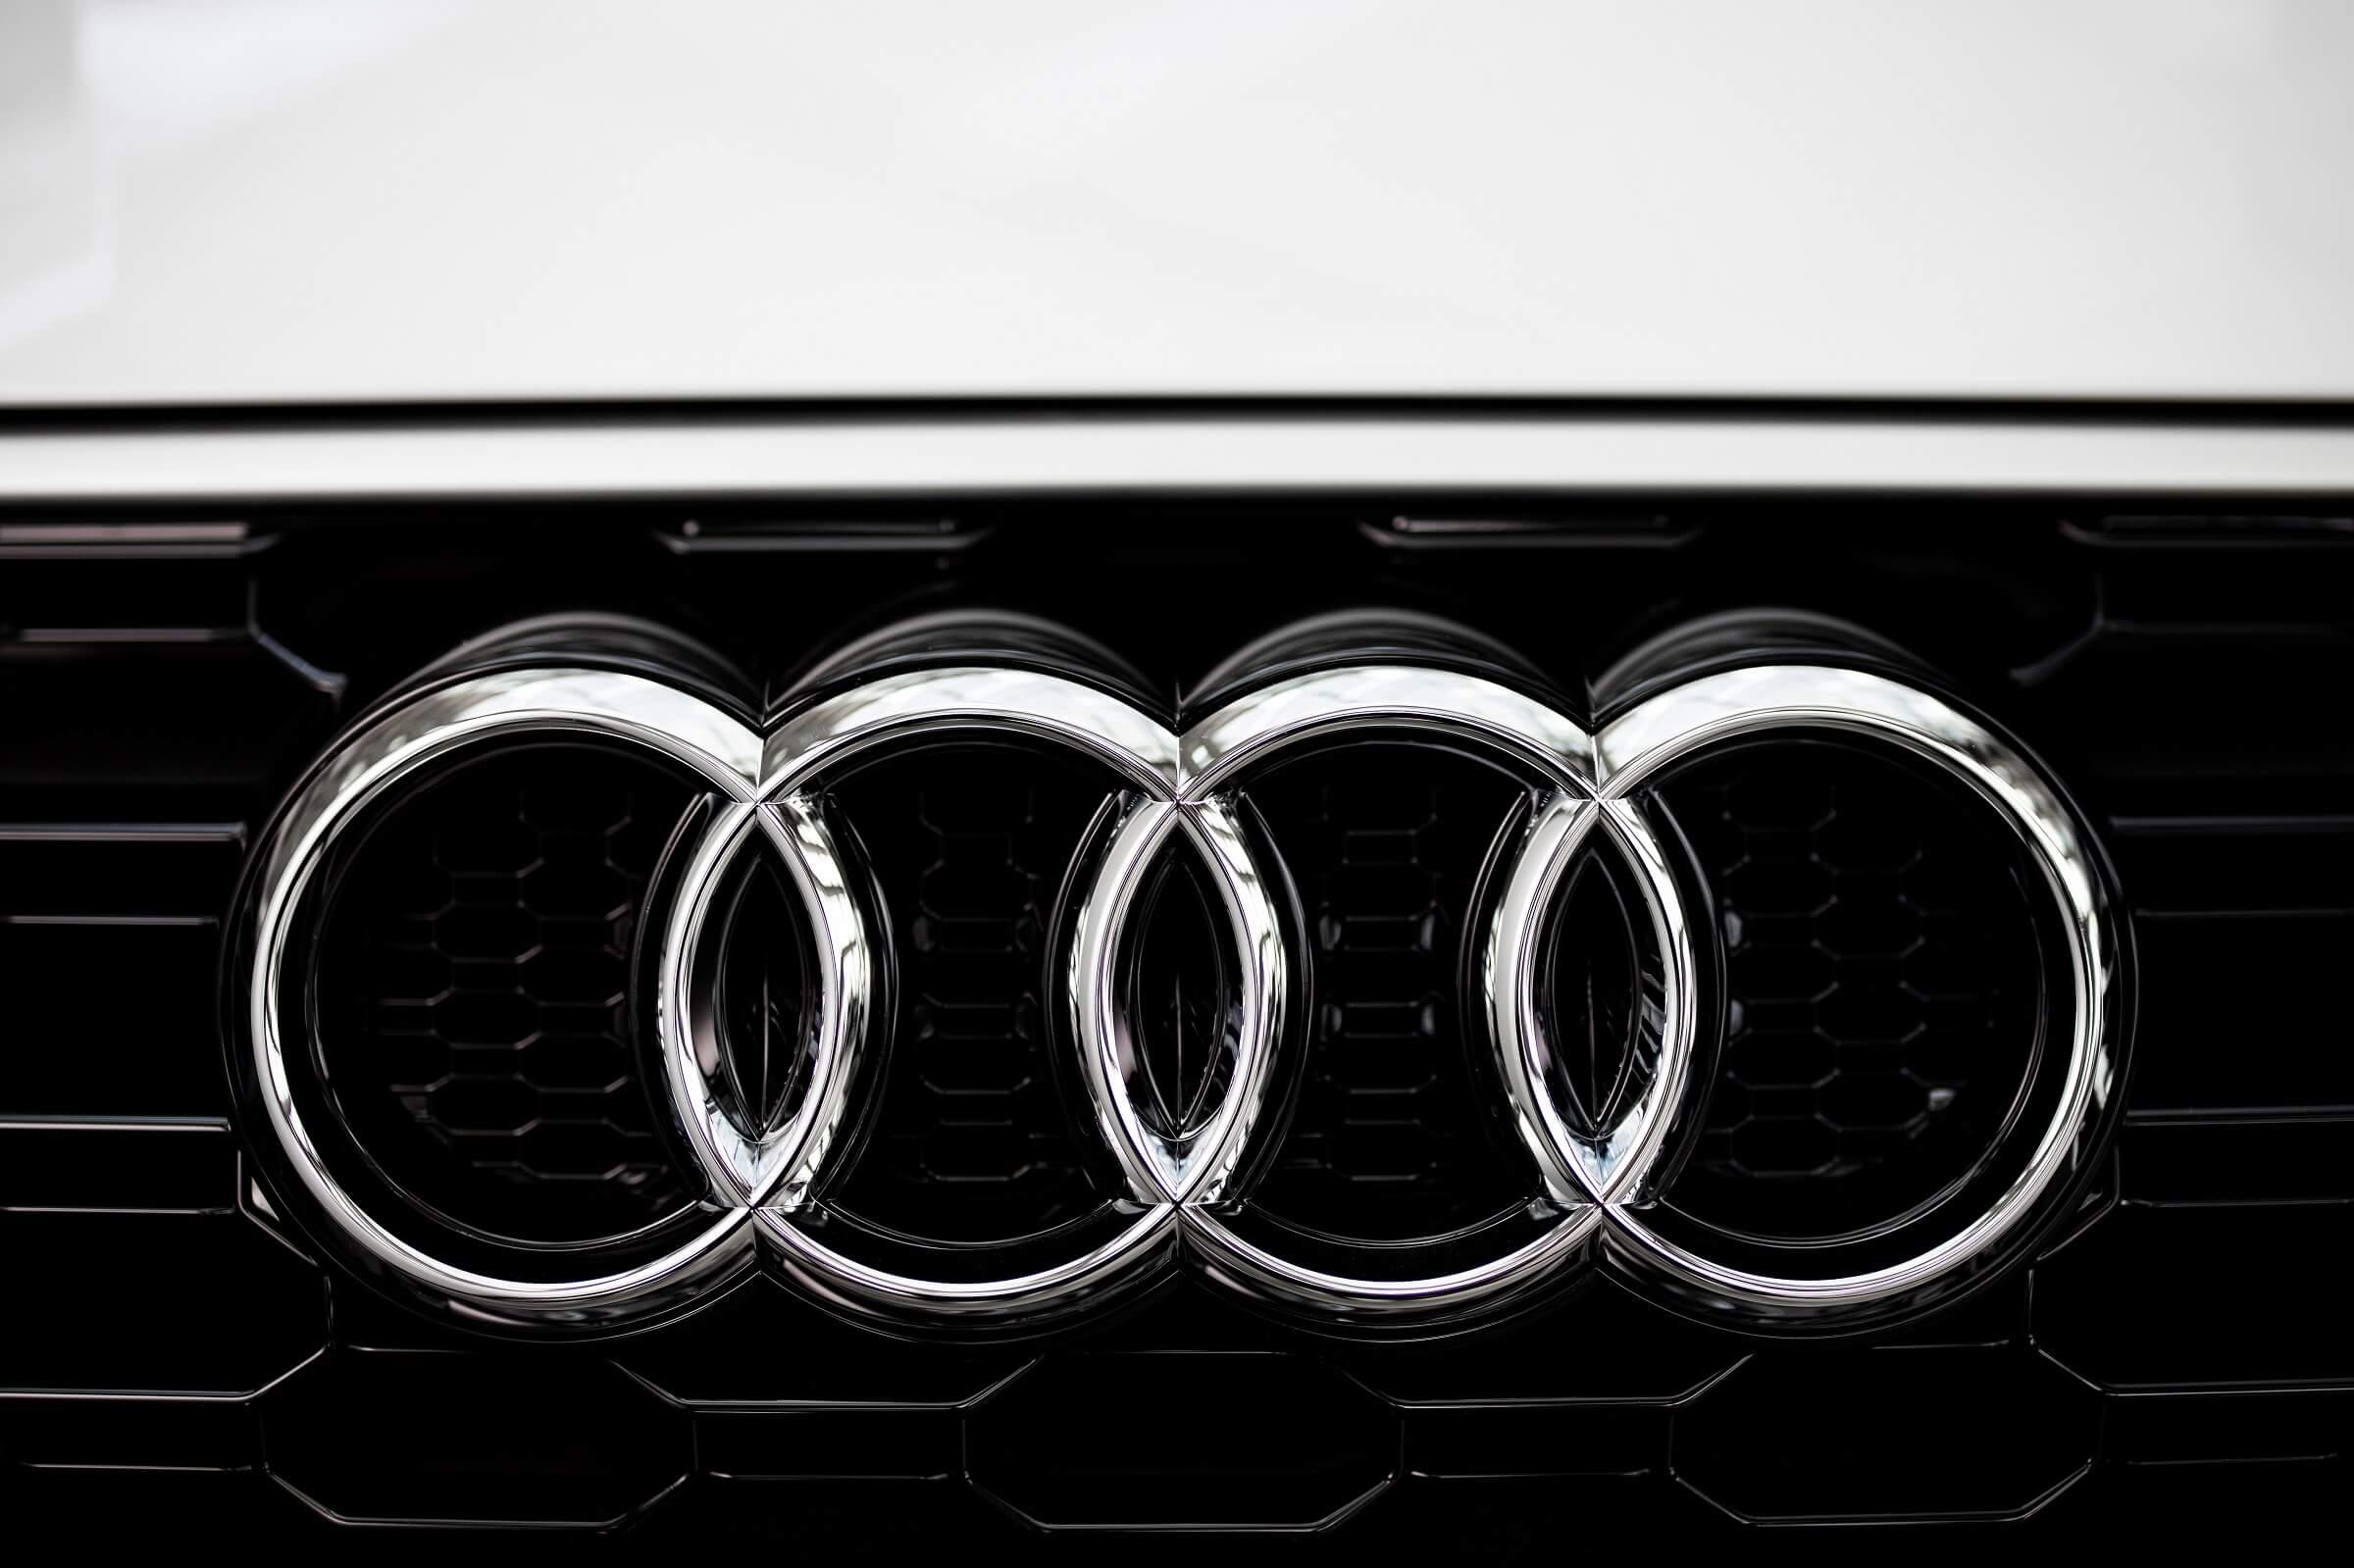 Δίκτυο Kosmocar - Audi service επέκταση εγγύησης 3 μηνών -  Μέτρα COVID19